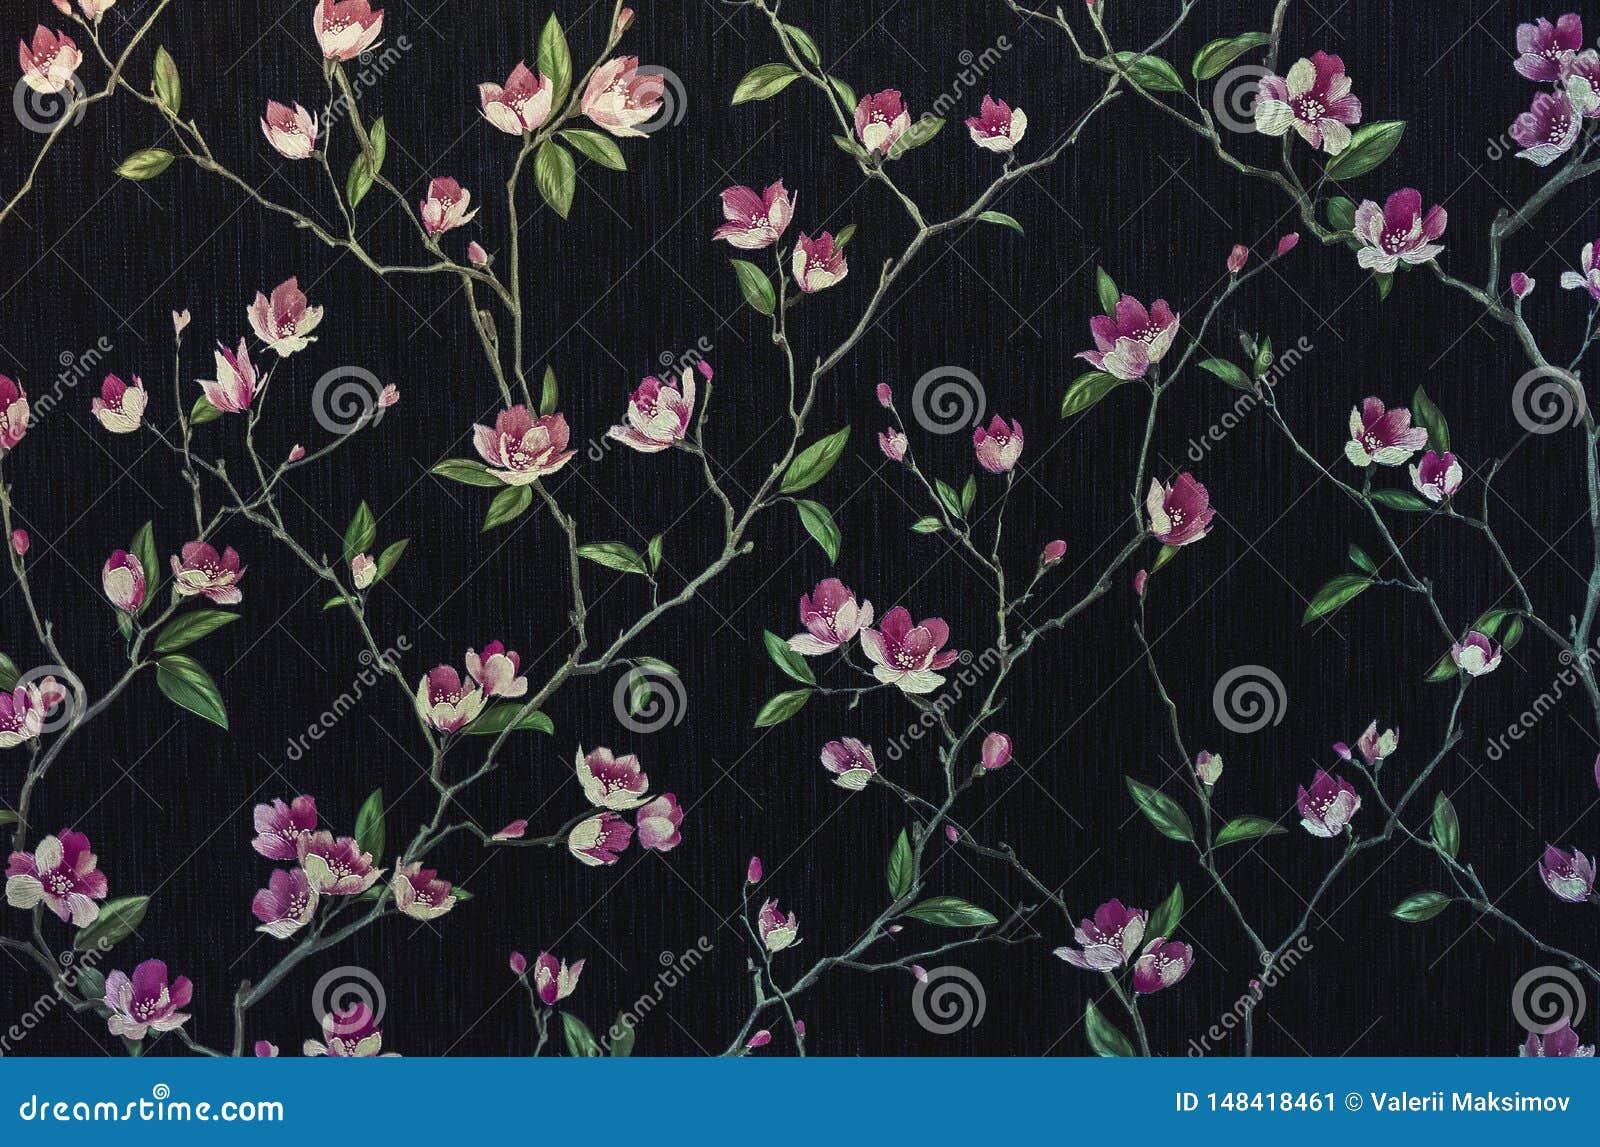 Часть декоративной панели с цветочным узором Флористическая предпосылка для дизайна и украшения Цветки на черной предпосылке